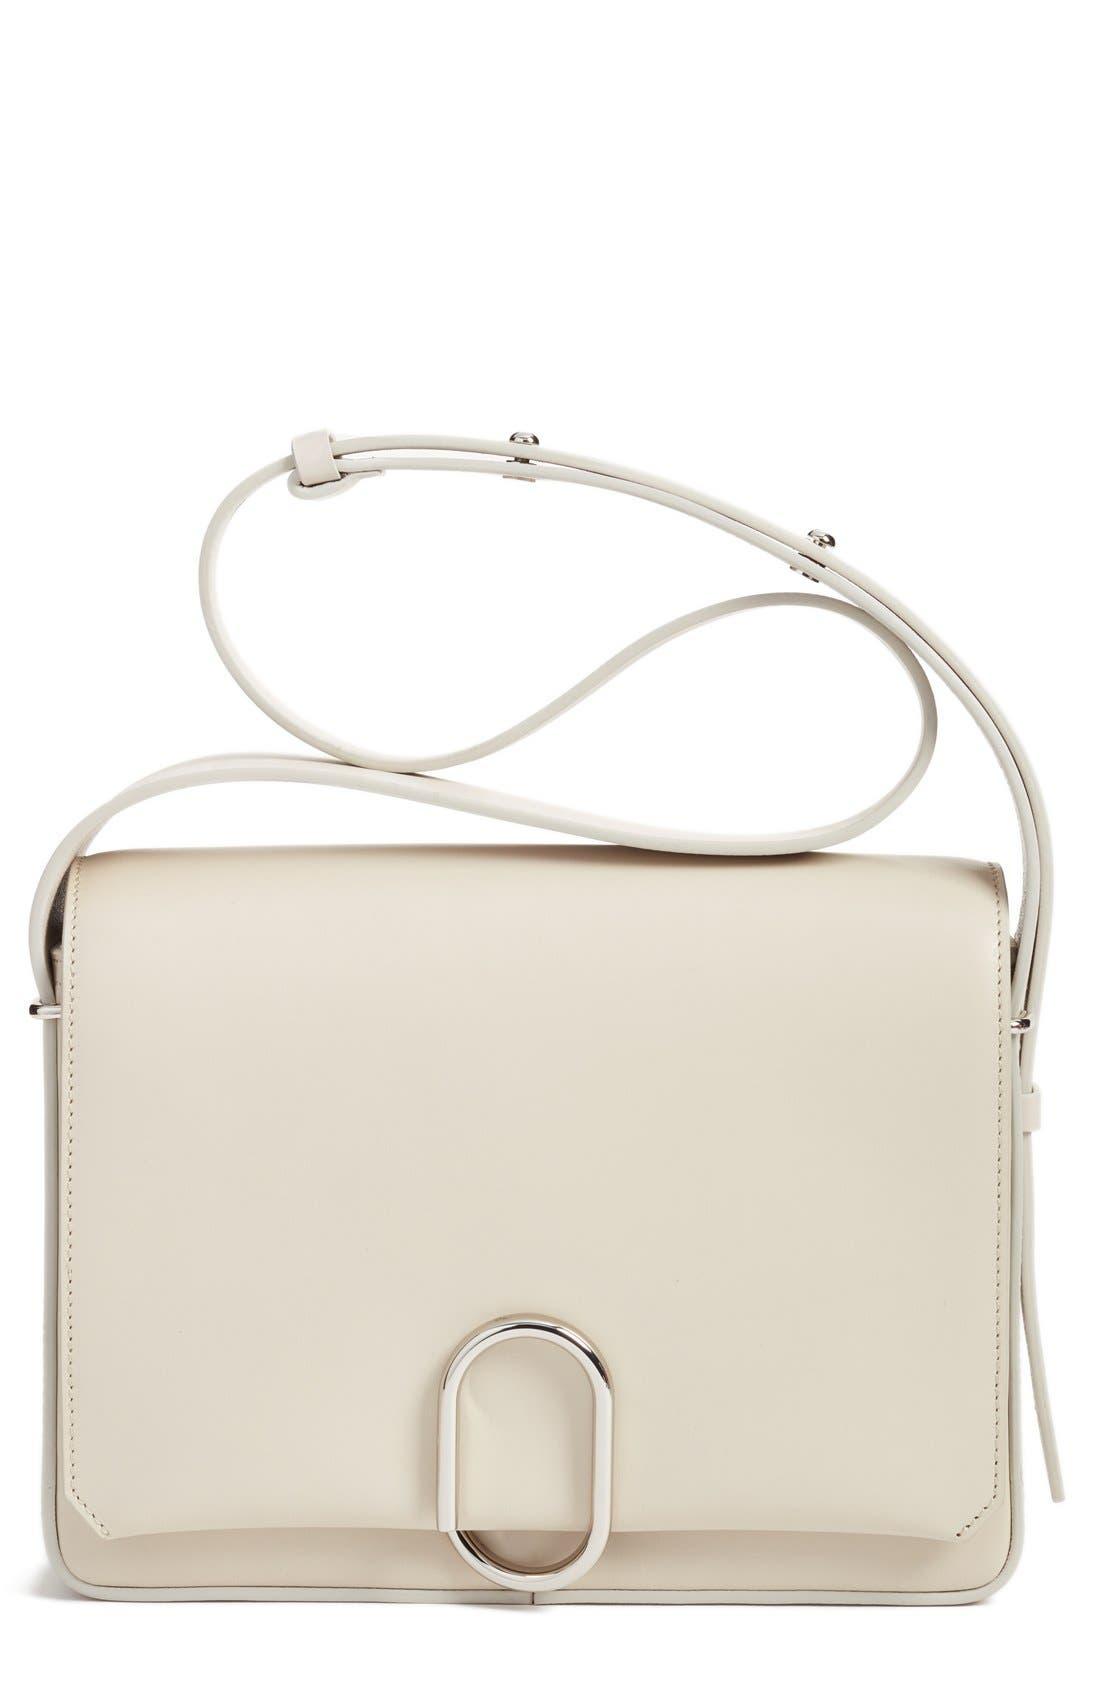 Alternate Image 1 Selected - 3.1 Philip Lim 'Alix' Flap Leather Shoulder Bag